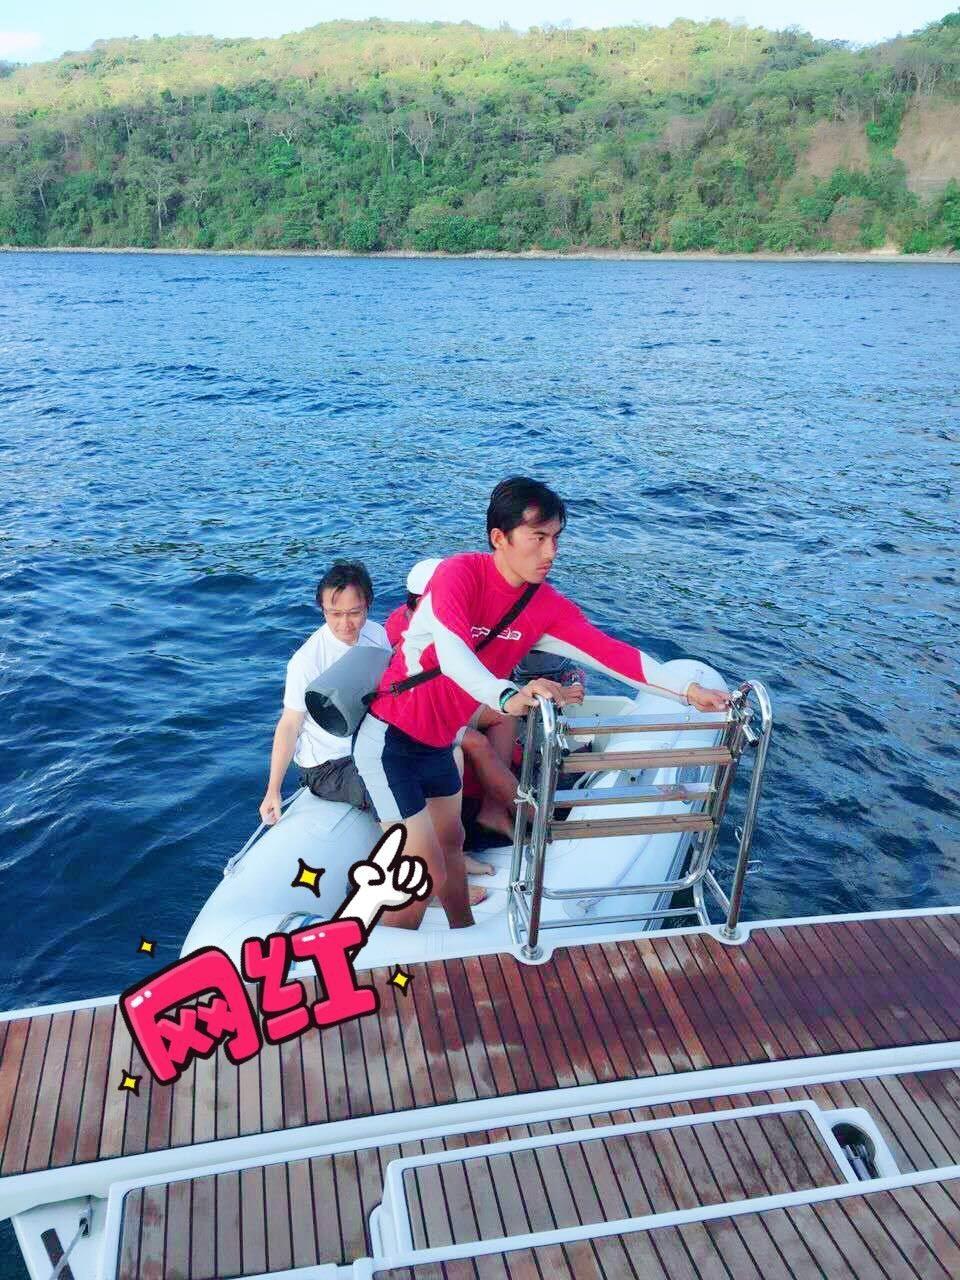 难忘的日落风帆,菲律宾极美海岛游记! a92078938a97b75b89668be00f15d11e.jpg